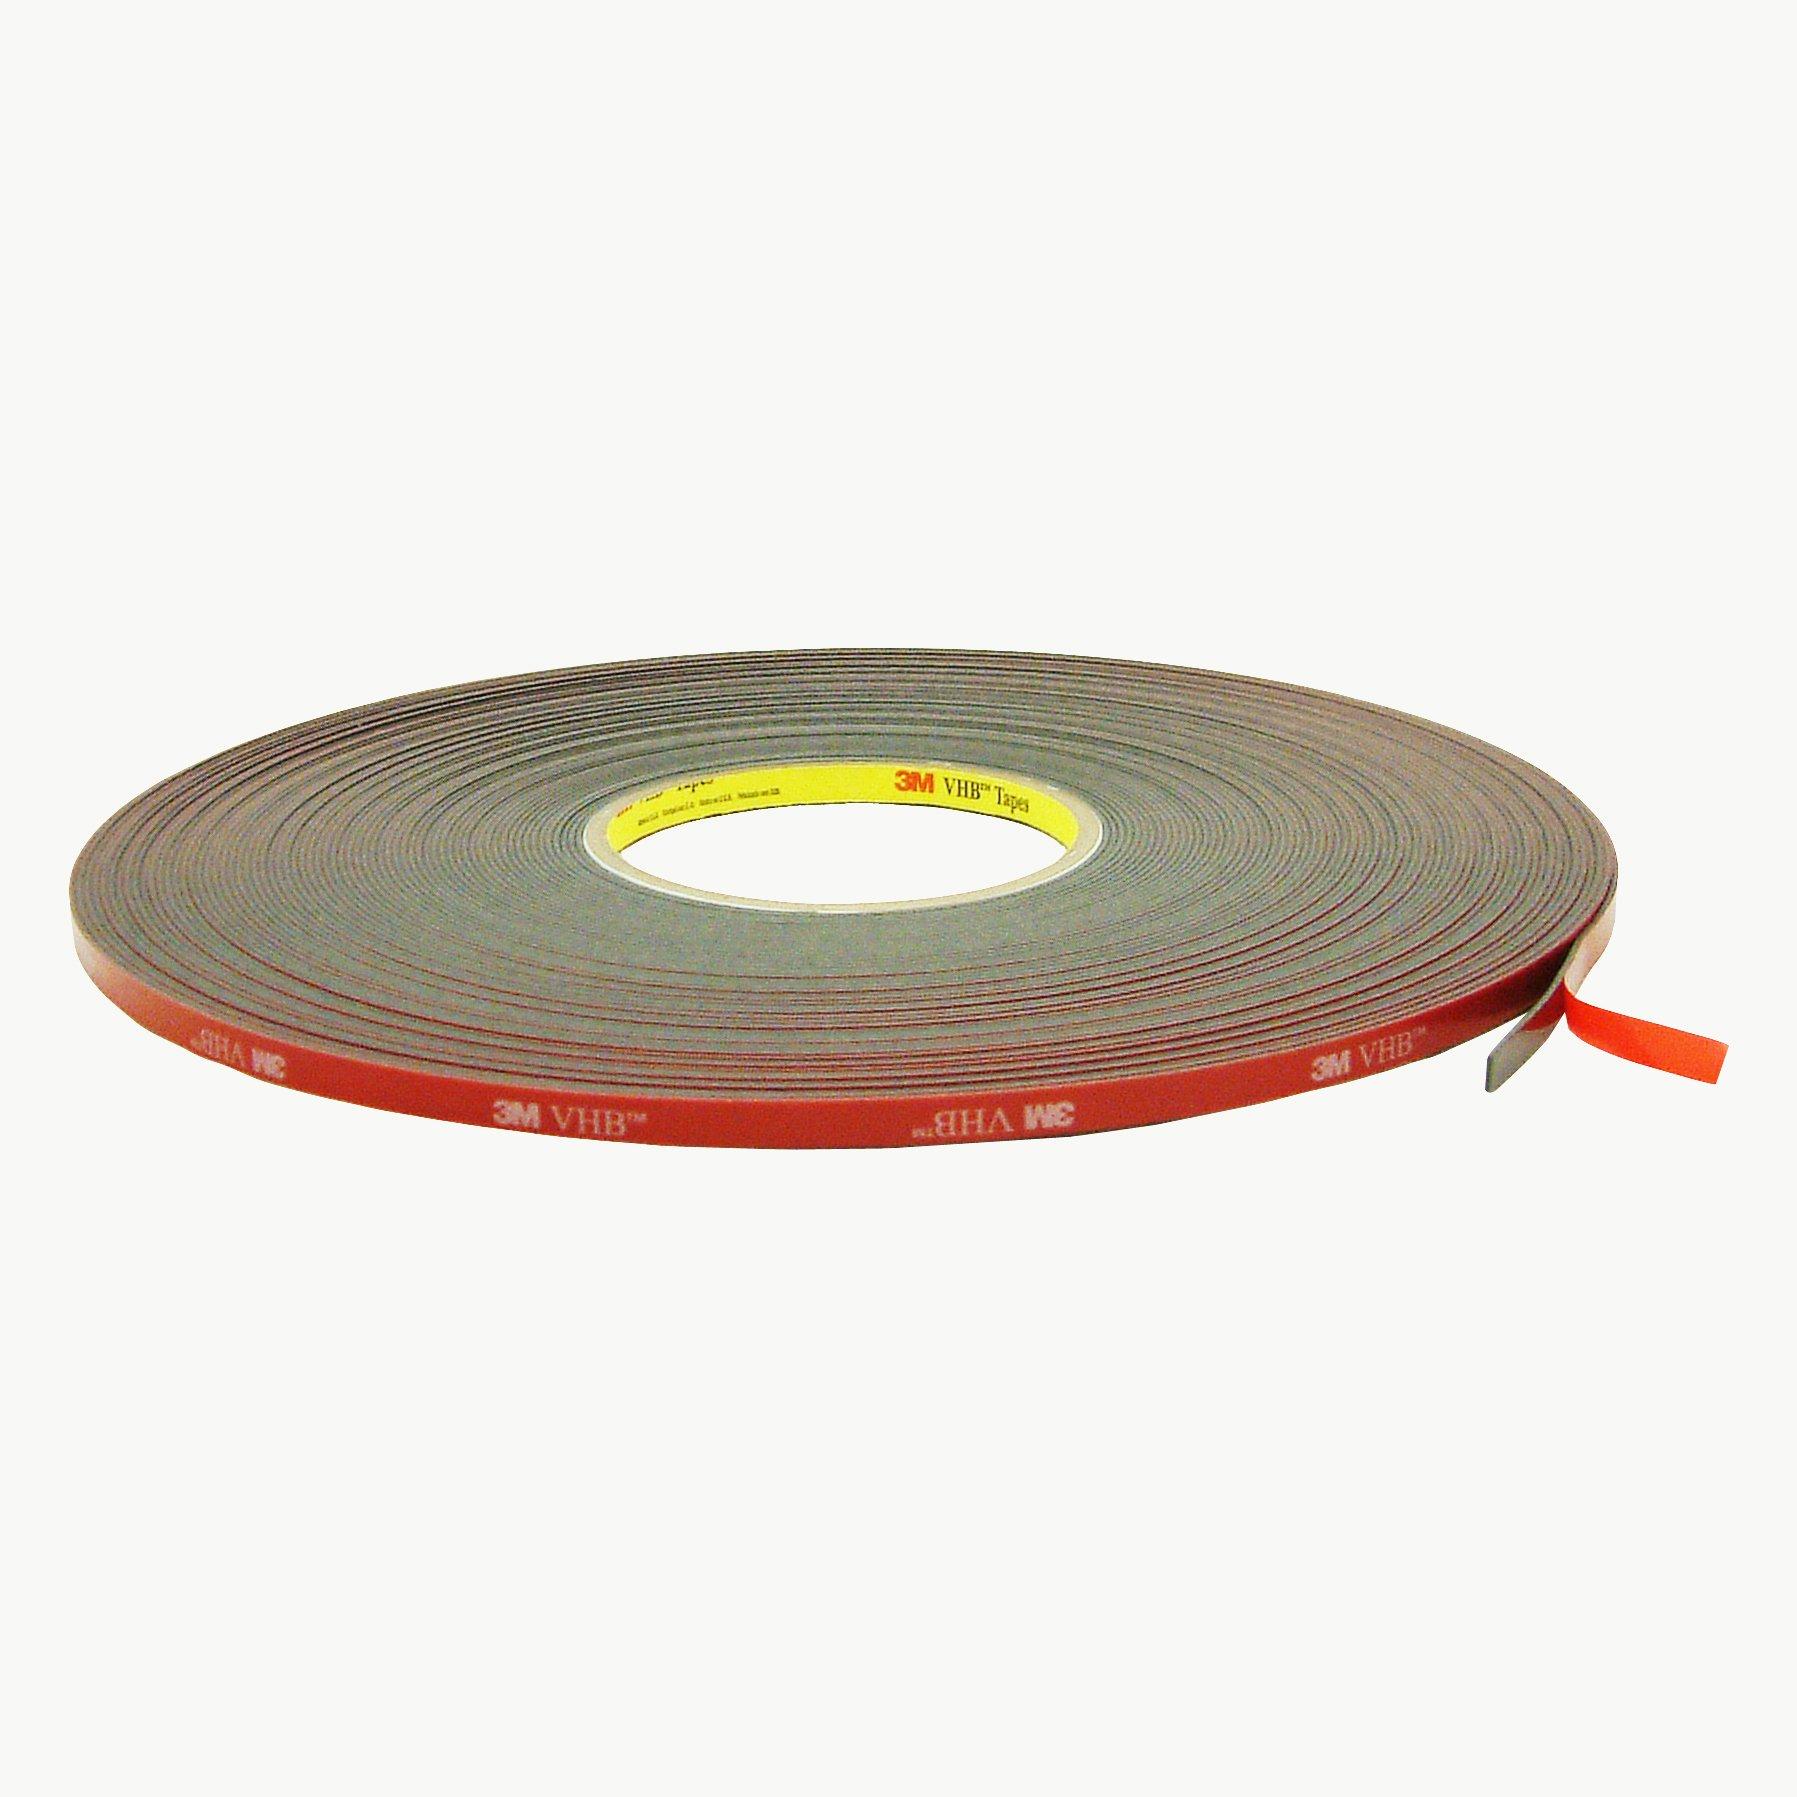 3M 5952/BLK02515 Scotch 5952 VHB Tape: 1/4'' x 36 yd., black